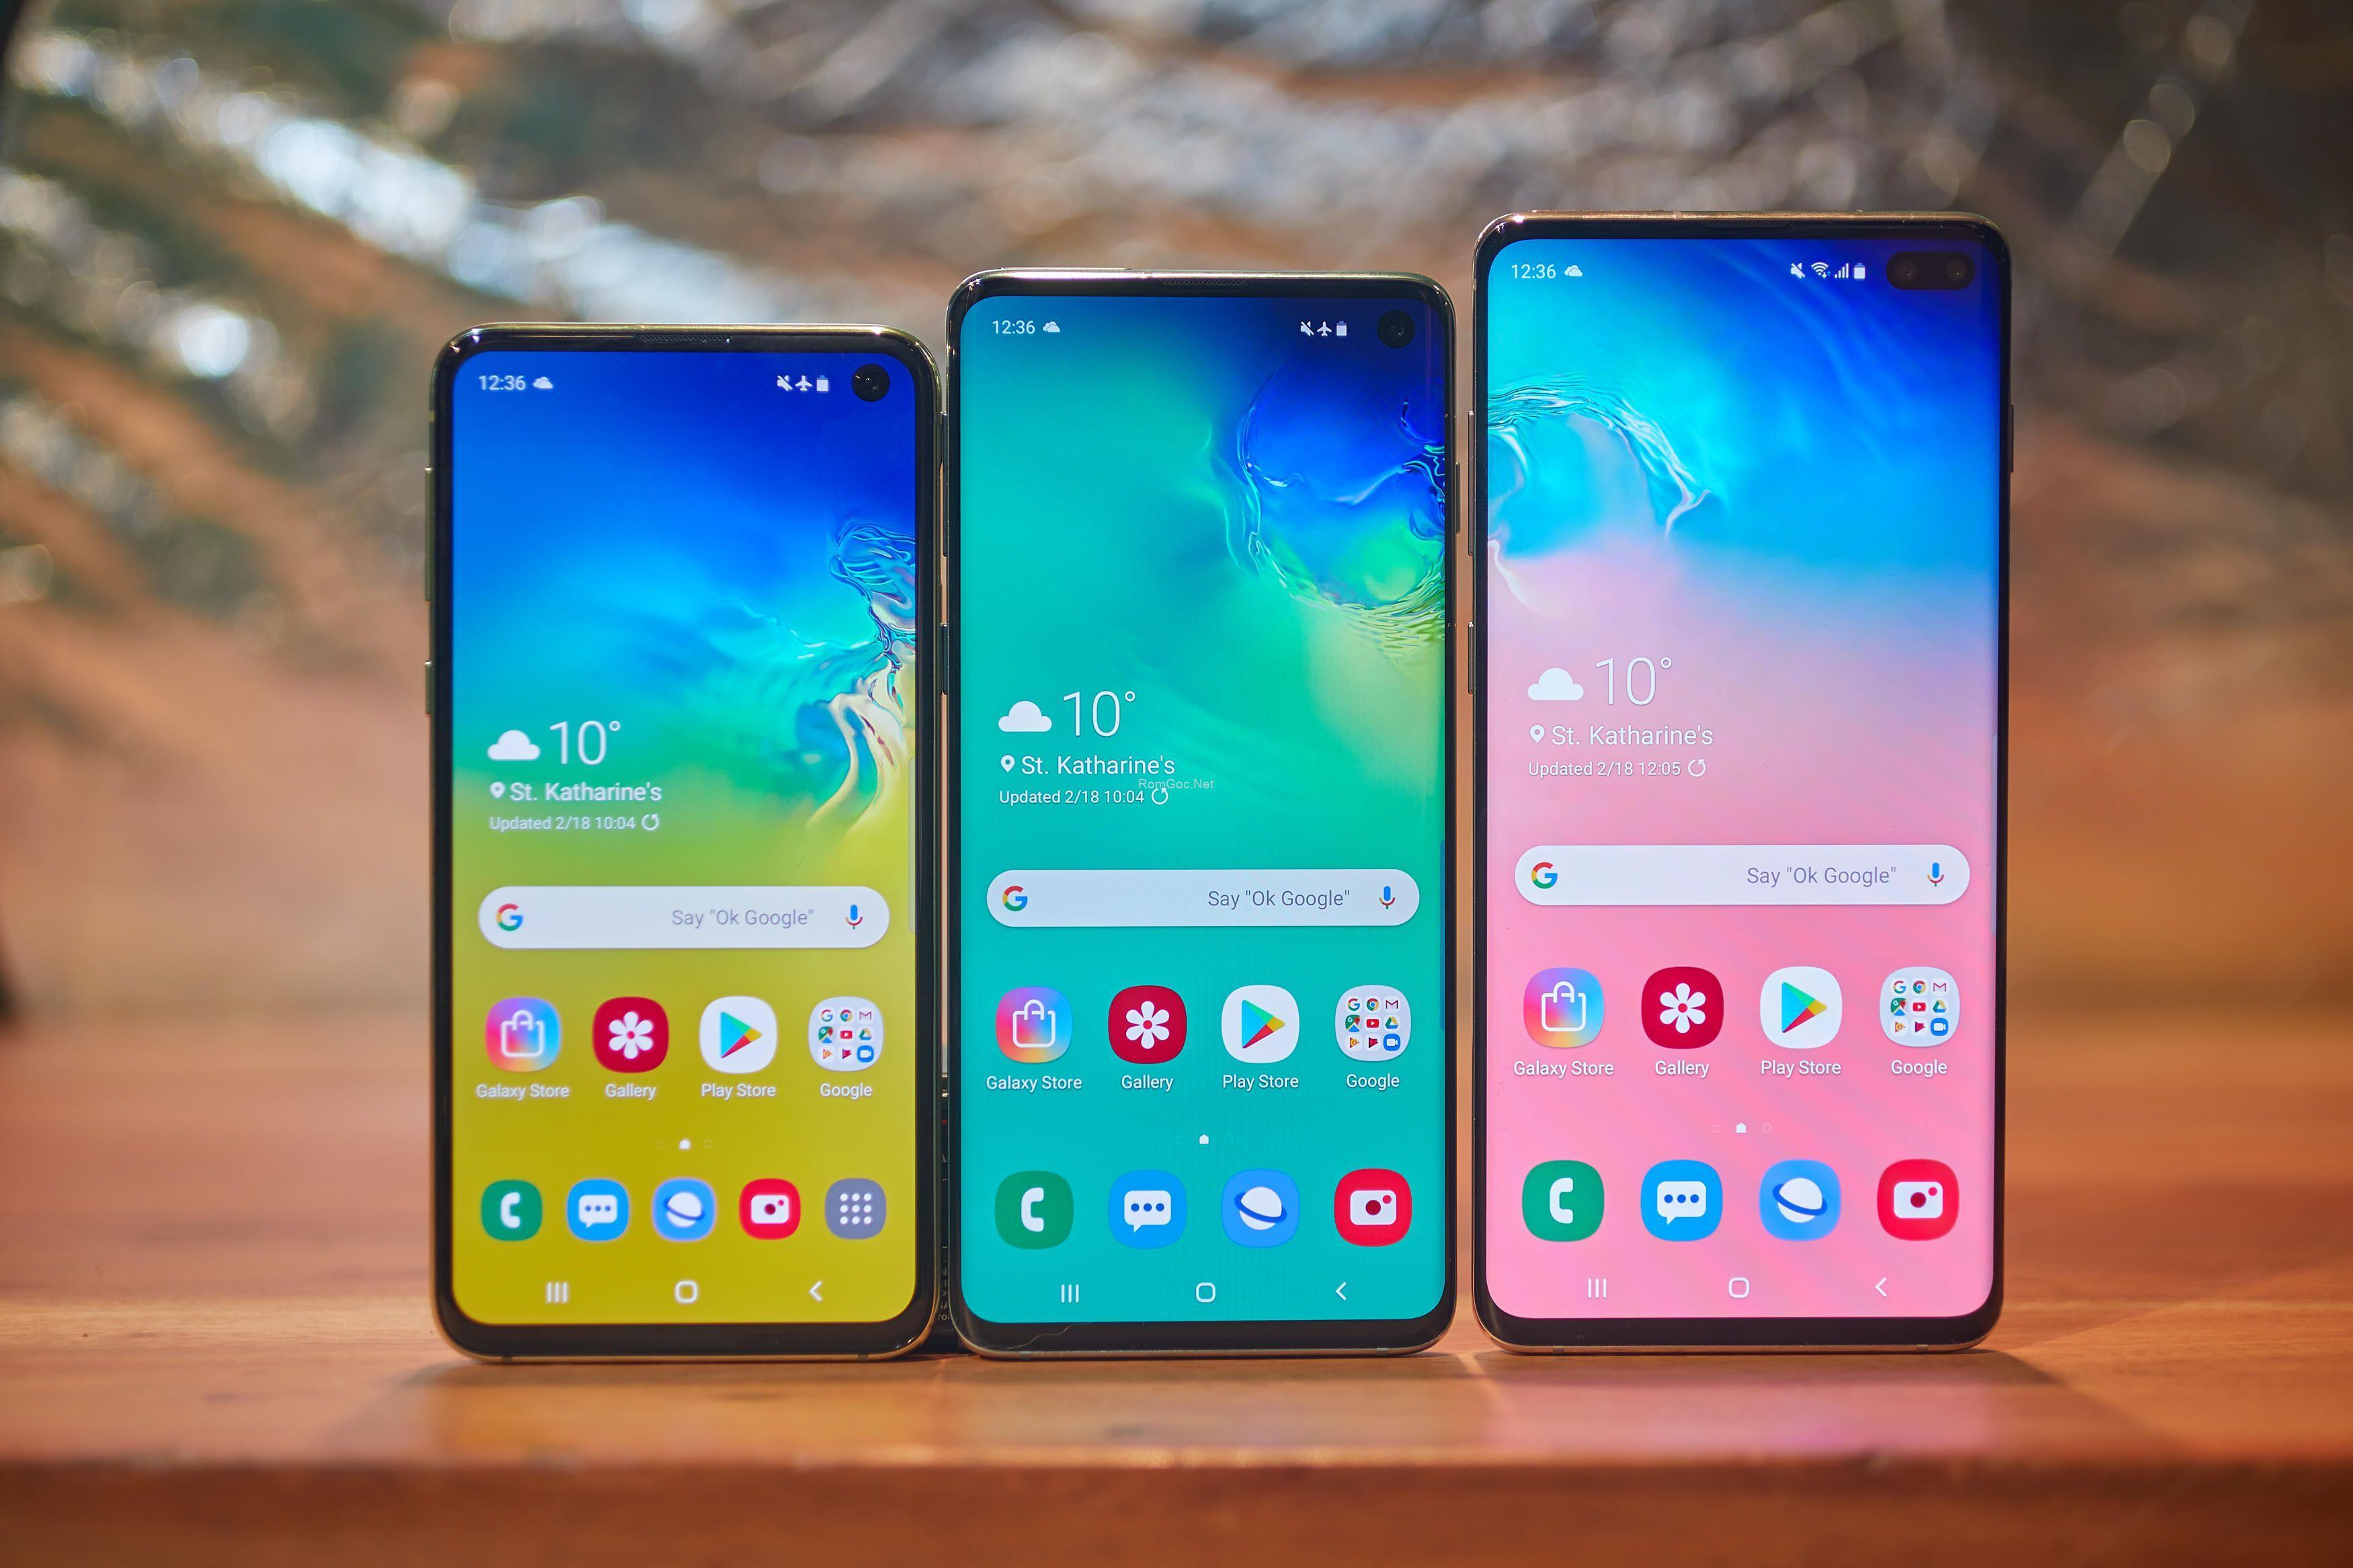 Rom combination Samsung Galaxy S10 (SM-G973 U/ U1 / W)